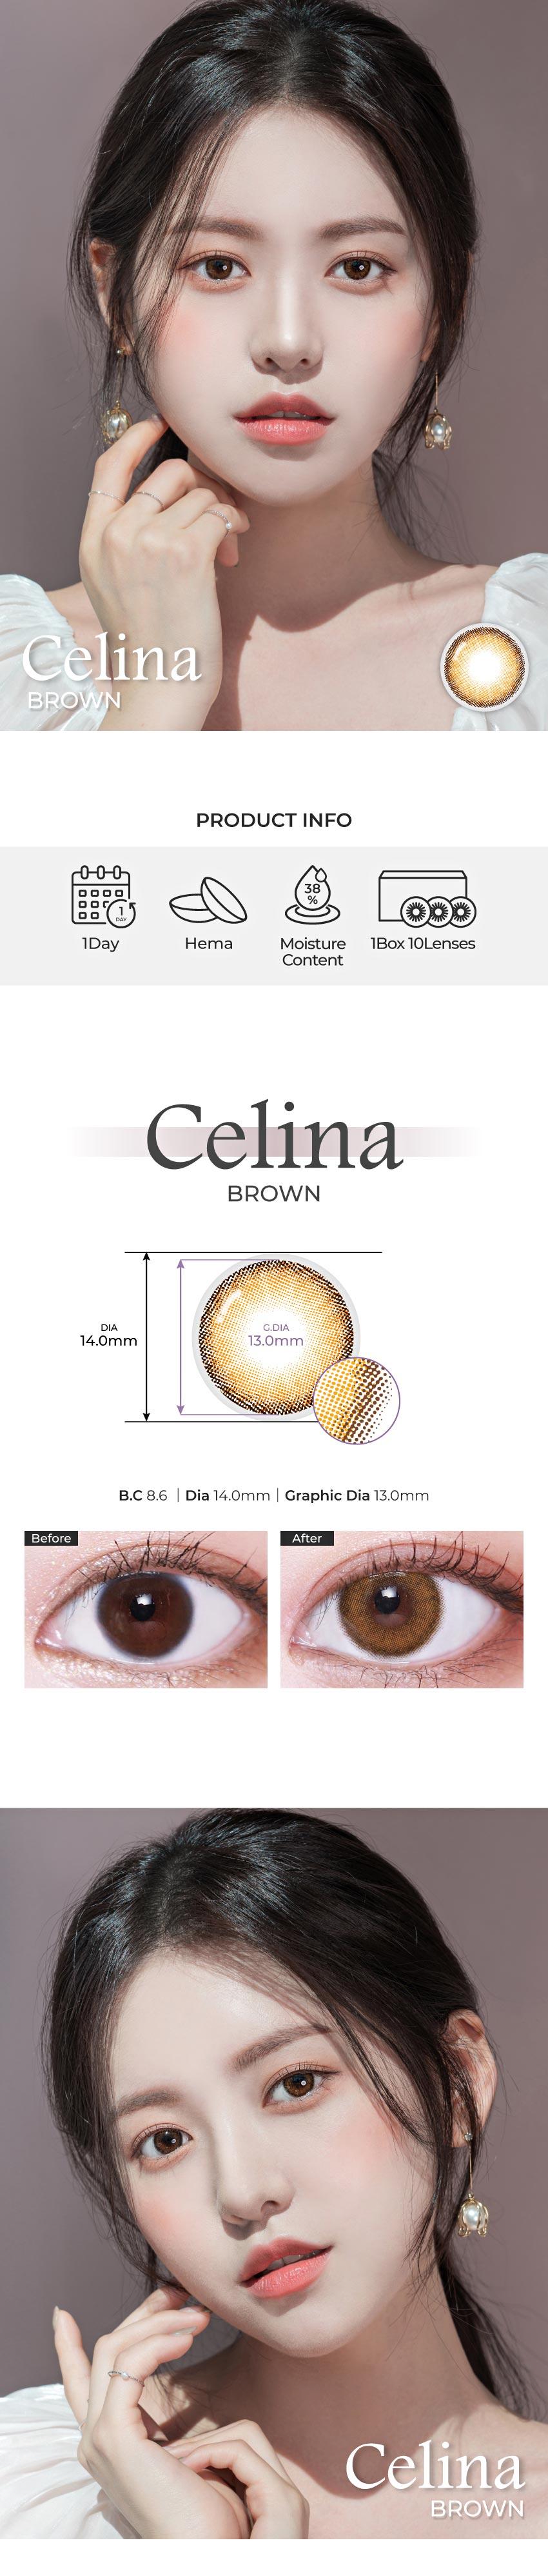 celina-brown-1.jpg